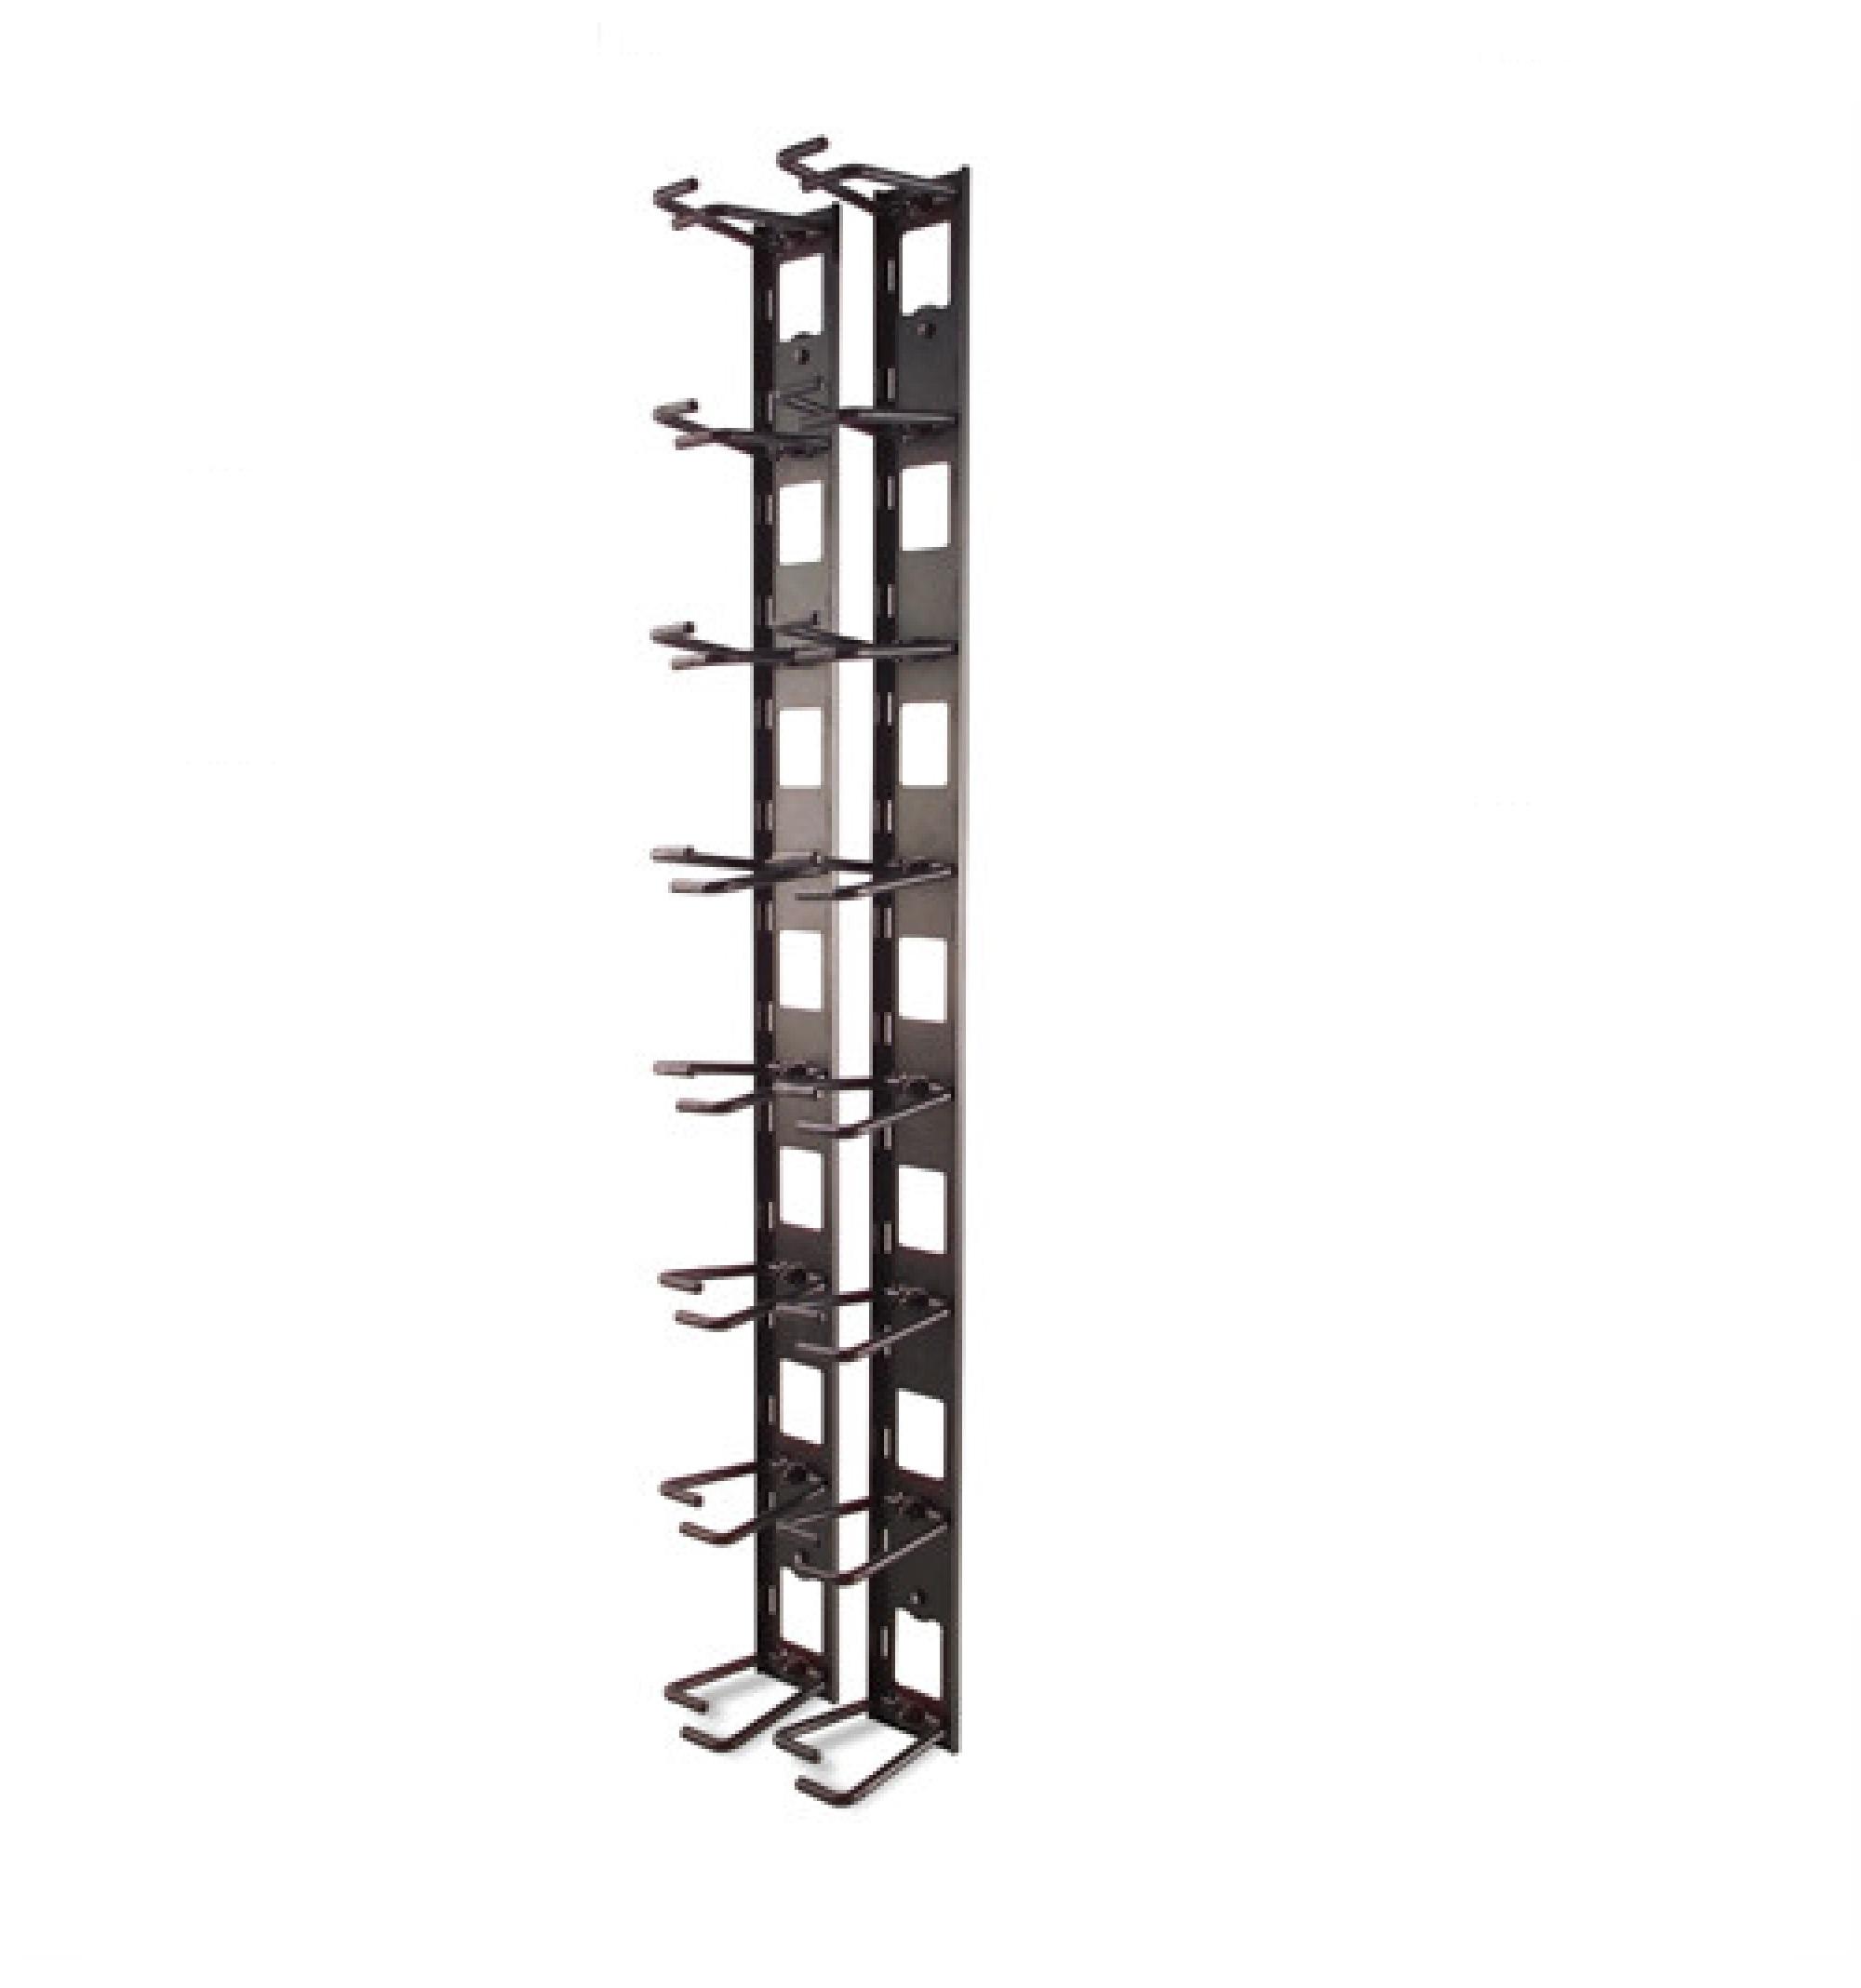 Organizador de cabos vertical, 8 braçadeiras para cabos, não ocupa espaço em U